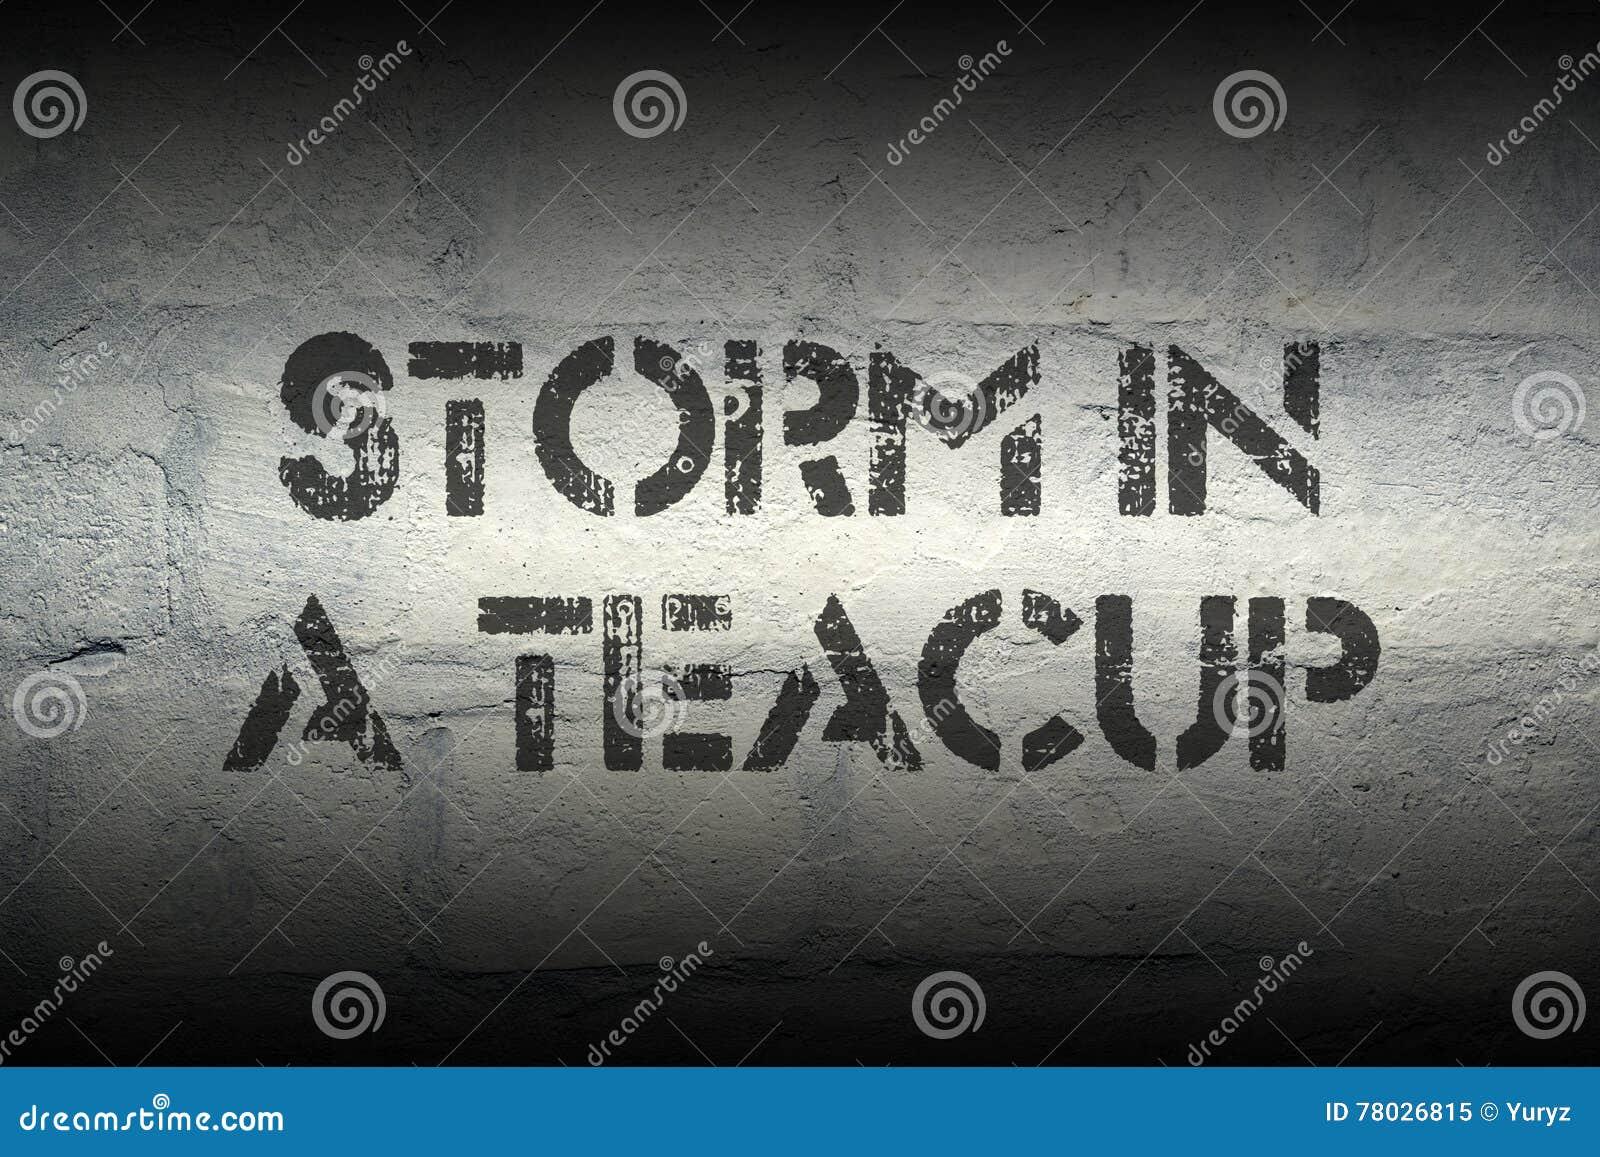 Storm in teacup gr